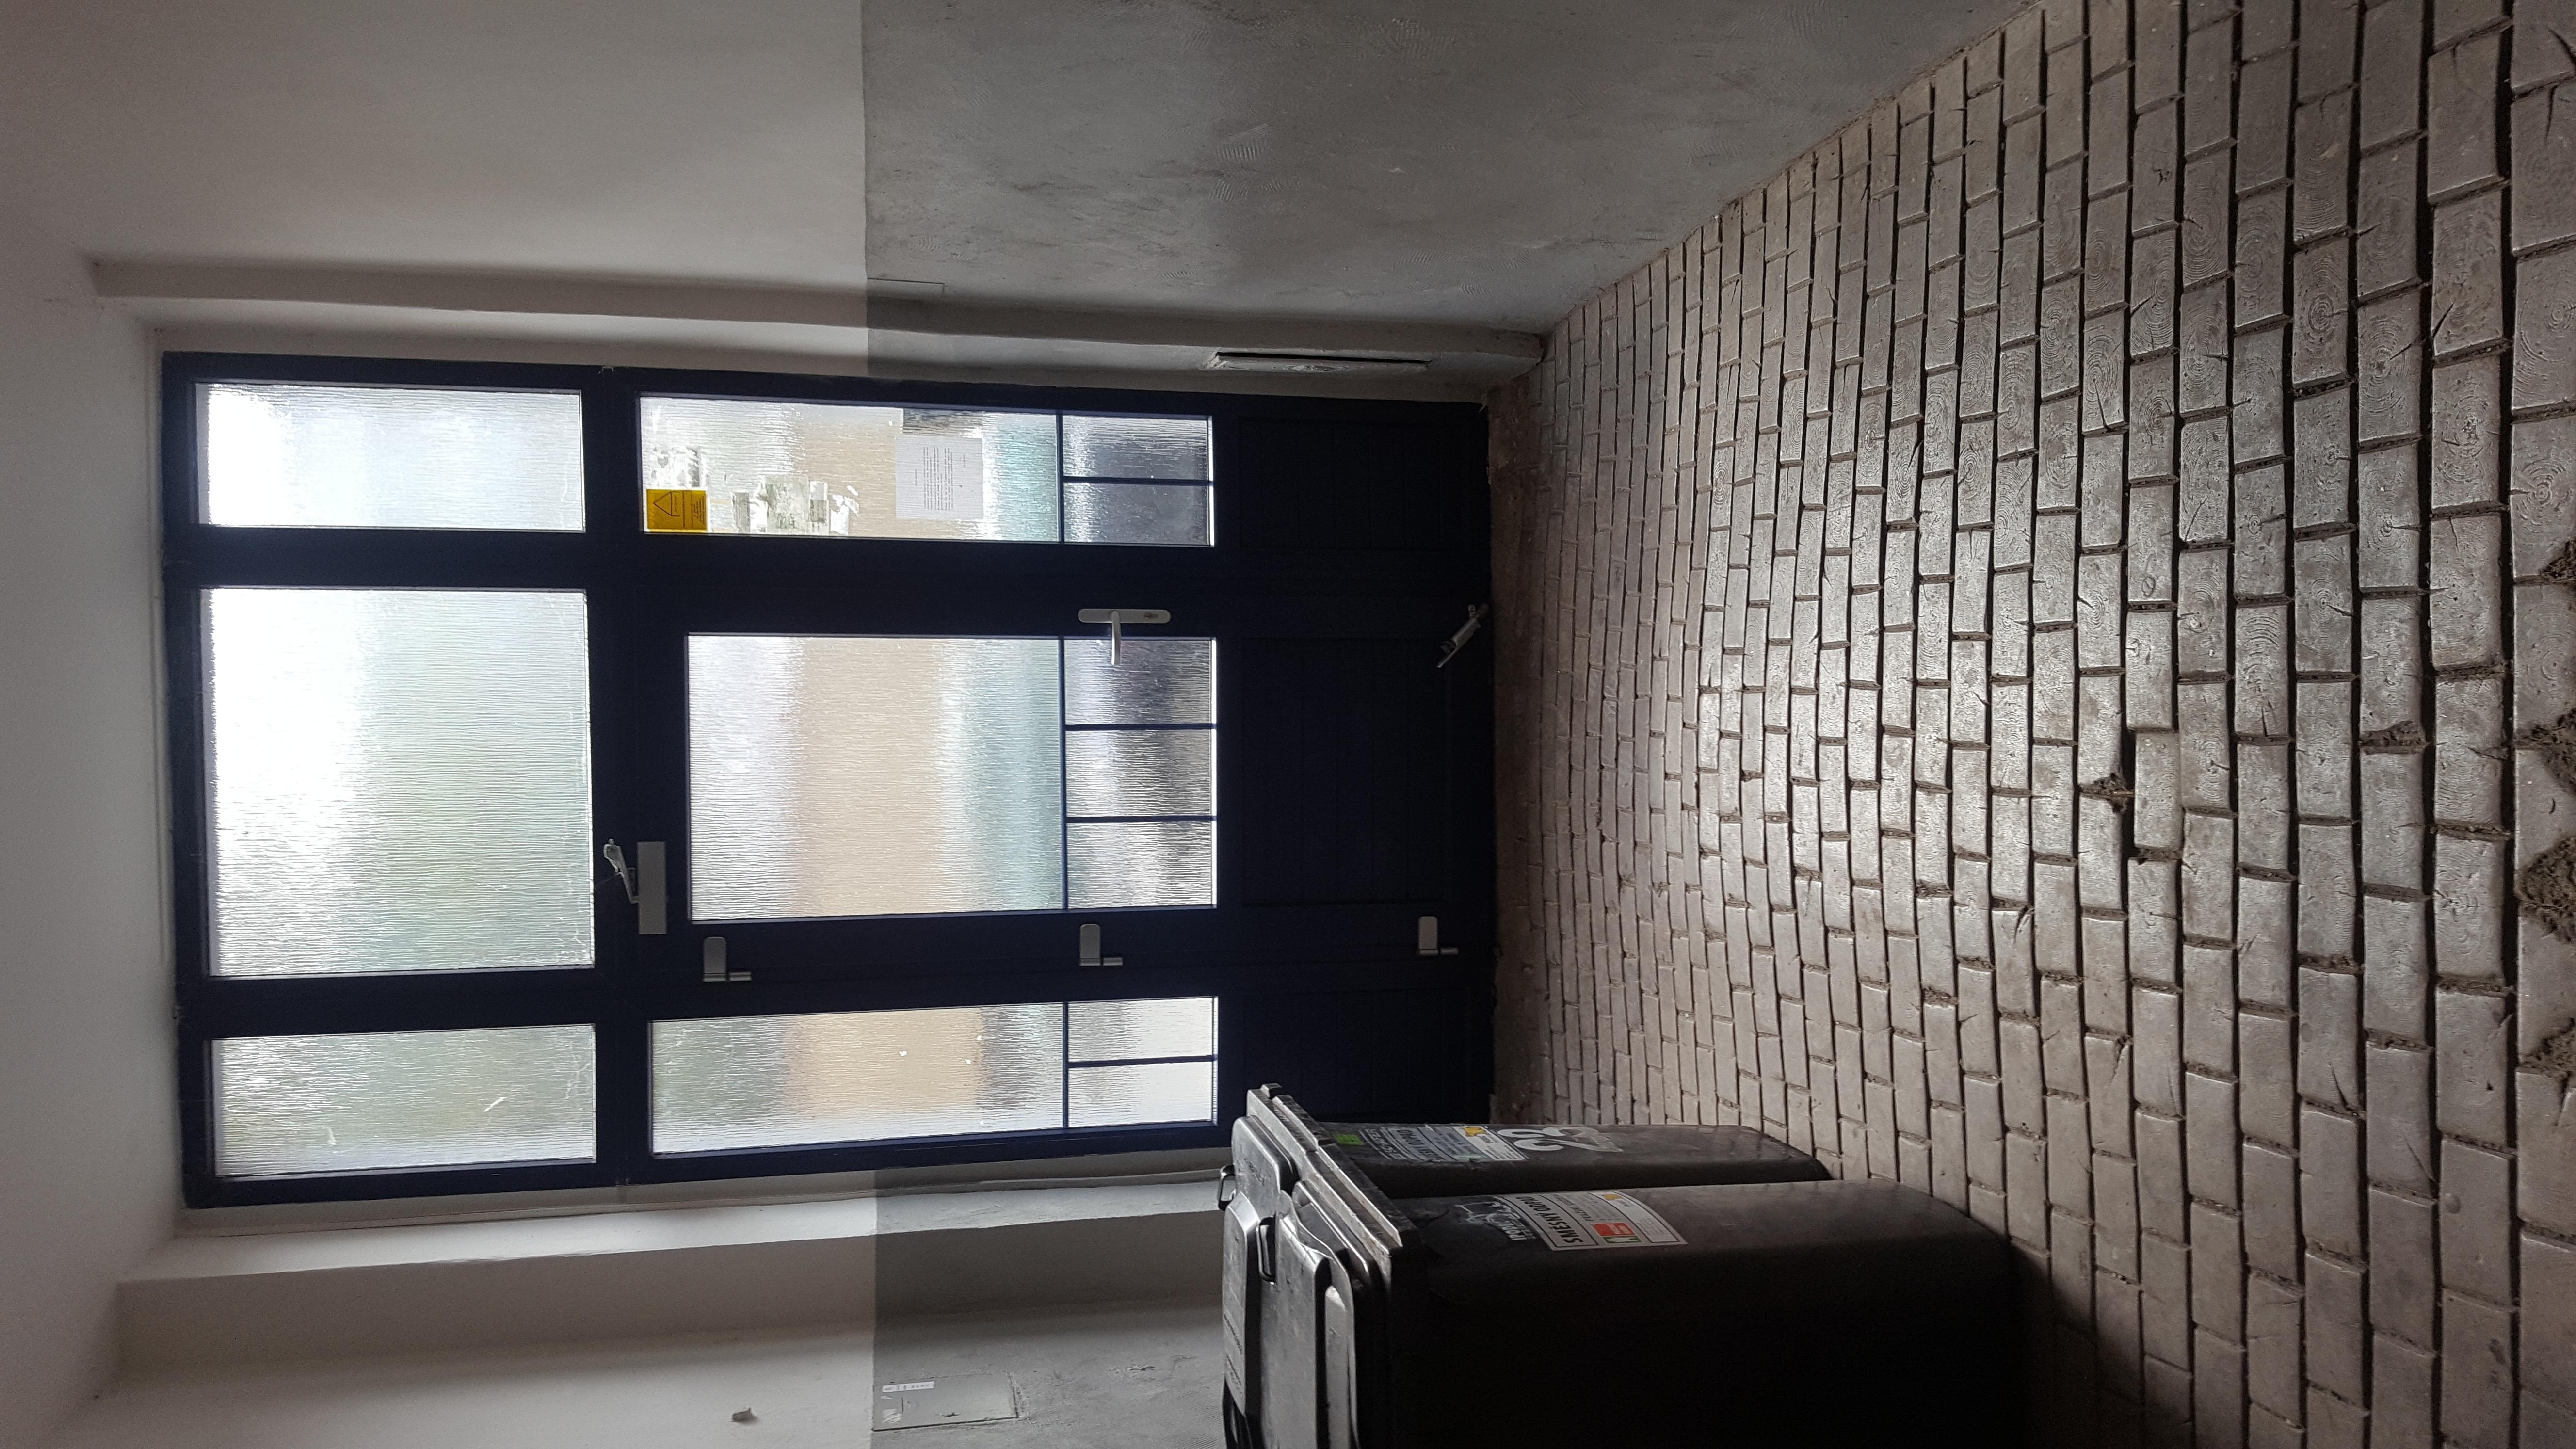 למכירה בשכונת Liben בפראג 8 דירת 2+KK בגודל 42 מר (9)